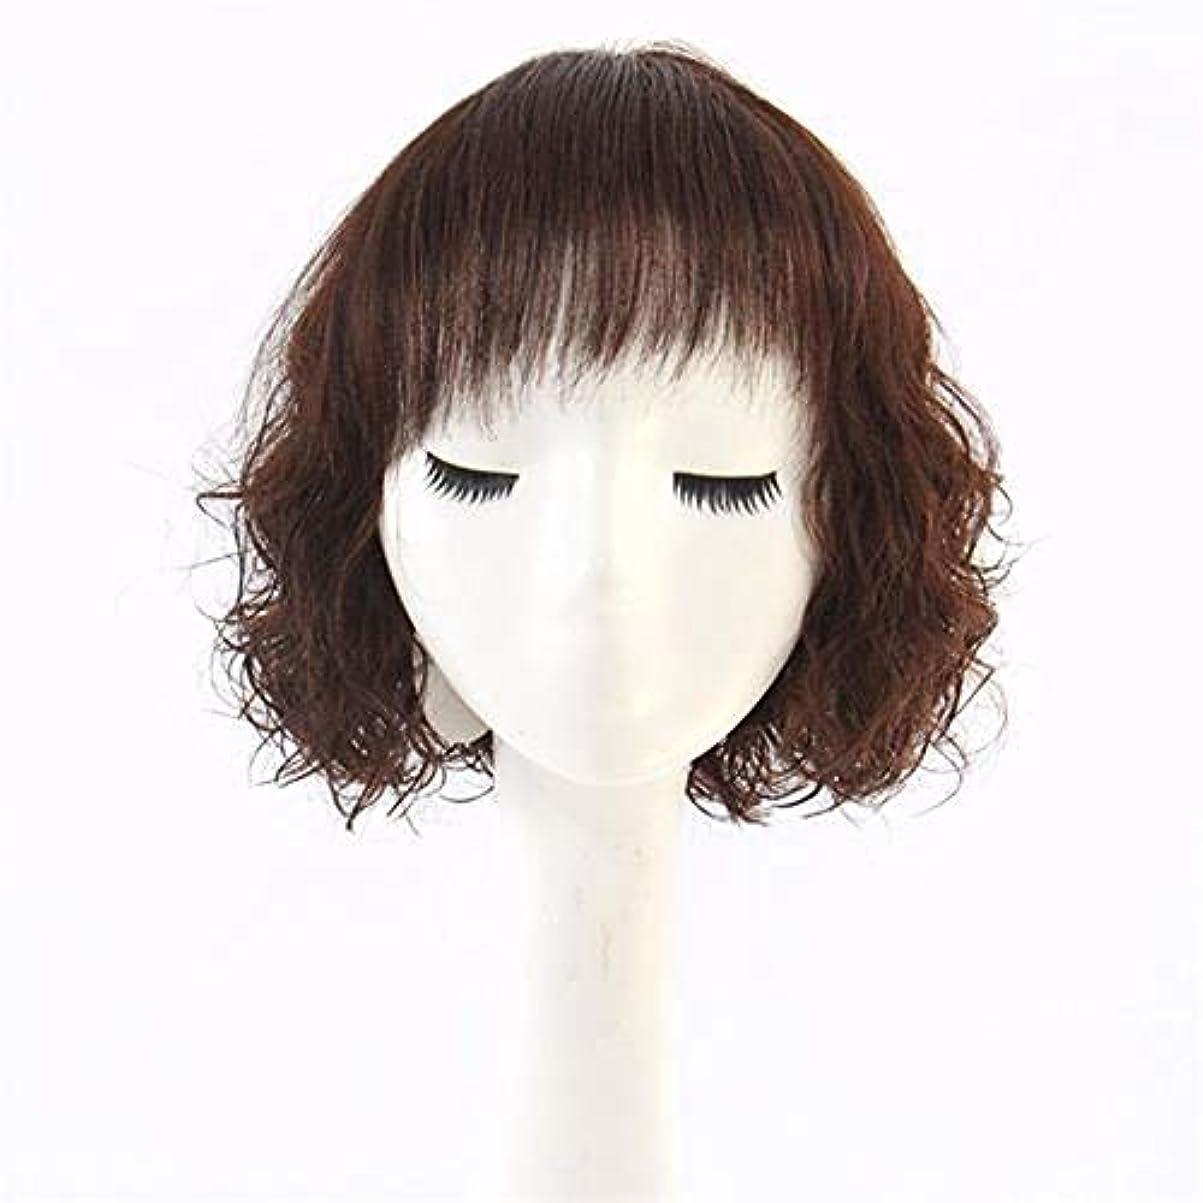 根絶するオフ公園YOUQIU 女子ショートカーリーボブスタイルレディースの高品質のファッションチャーミング本物の人間の髪の毛のかつらウィッグ (色 : Natural color)